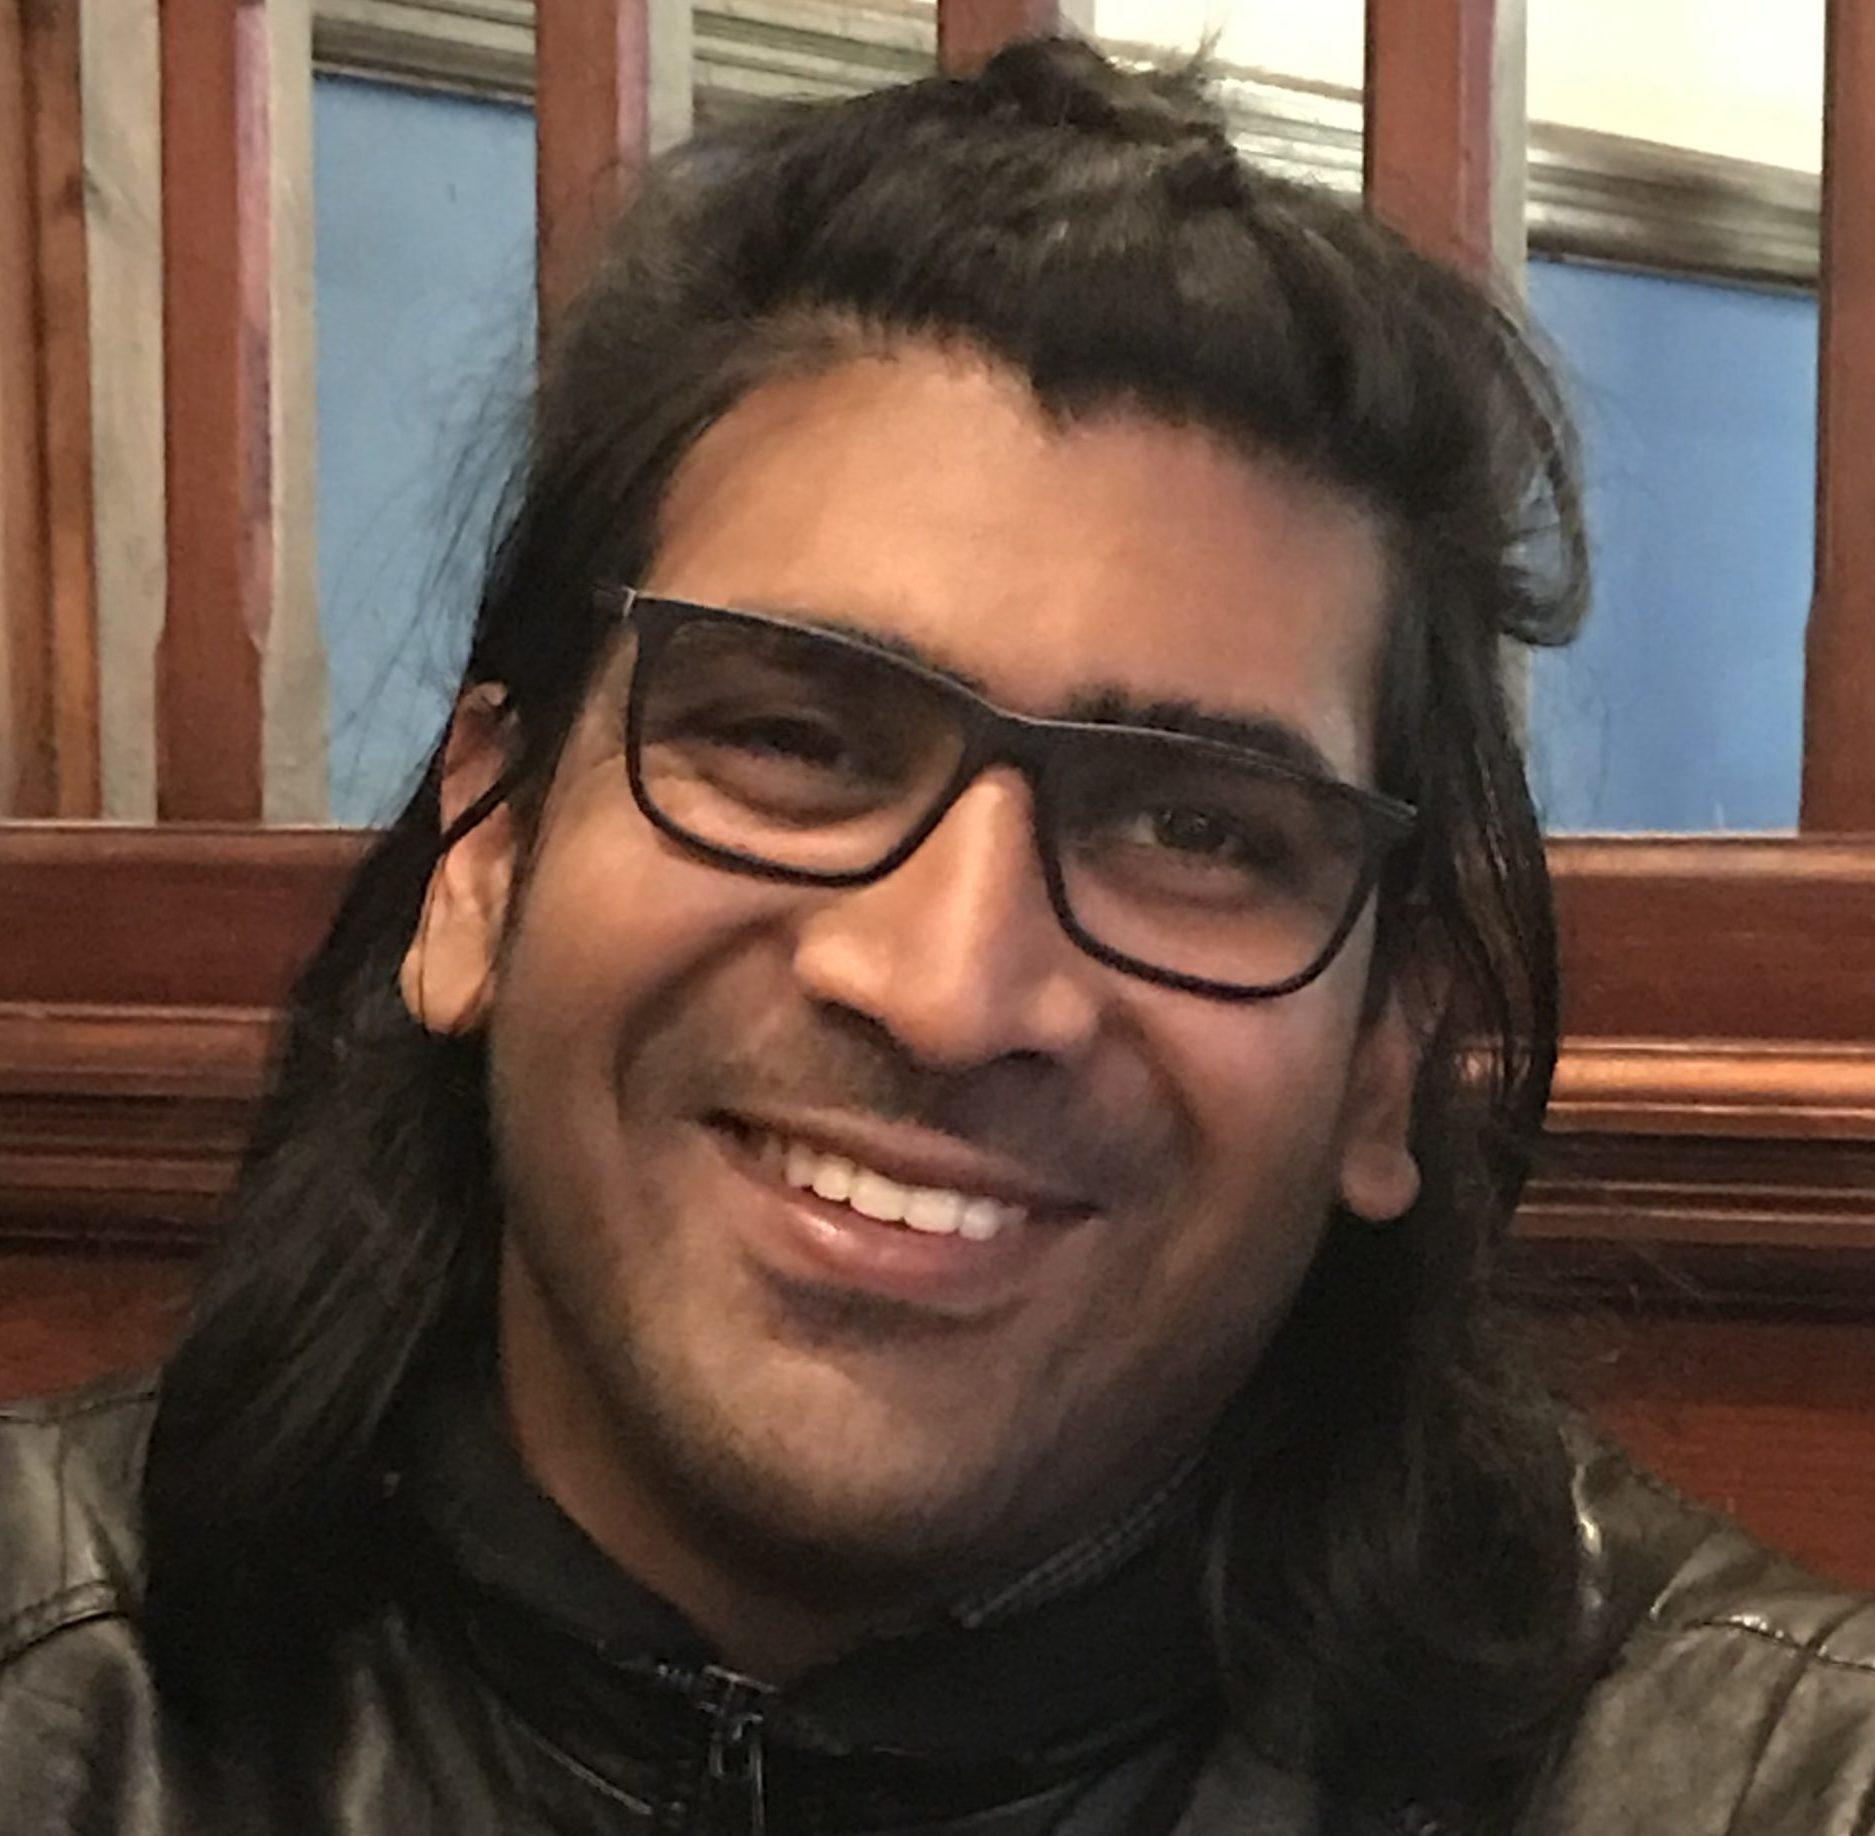 Musa Smiling